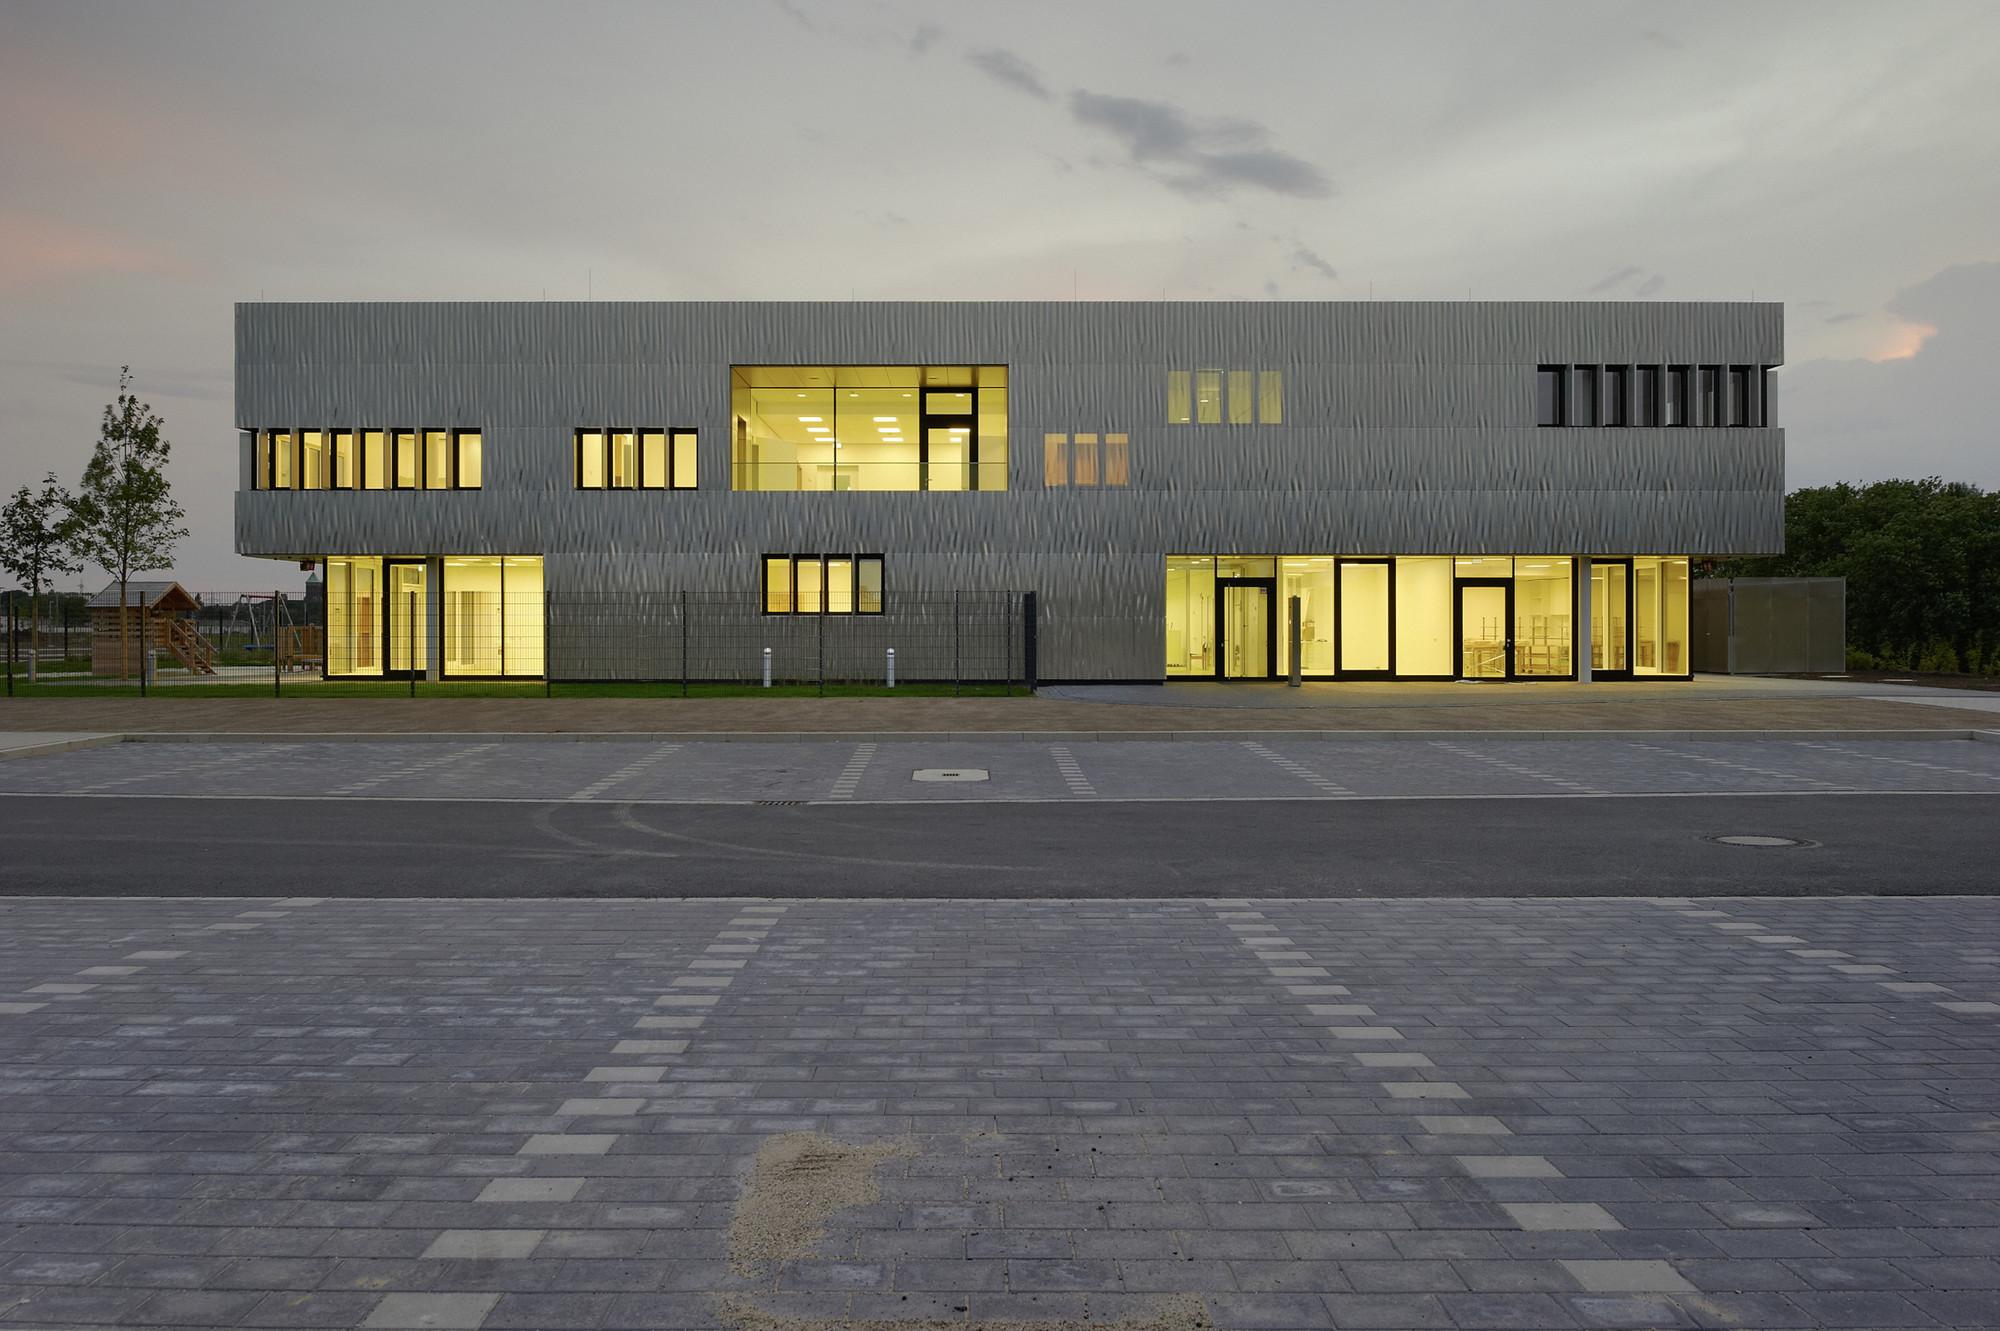 Architekten In Essen gallery of day care thyssenkrupp quarter essen jswd architekten 7